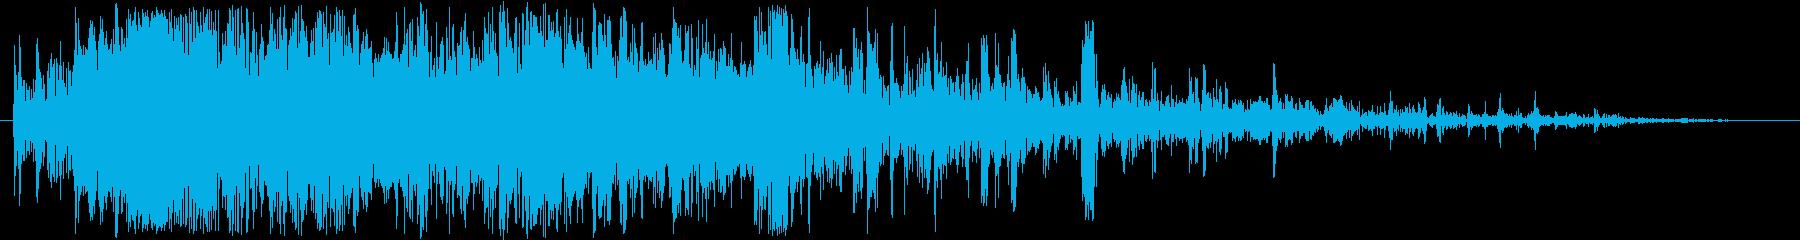 ホラー・スプラッター・骨折の再生済みの波形